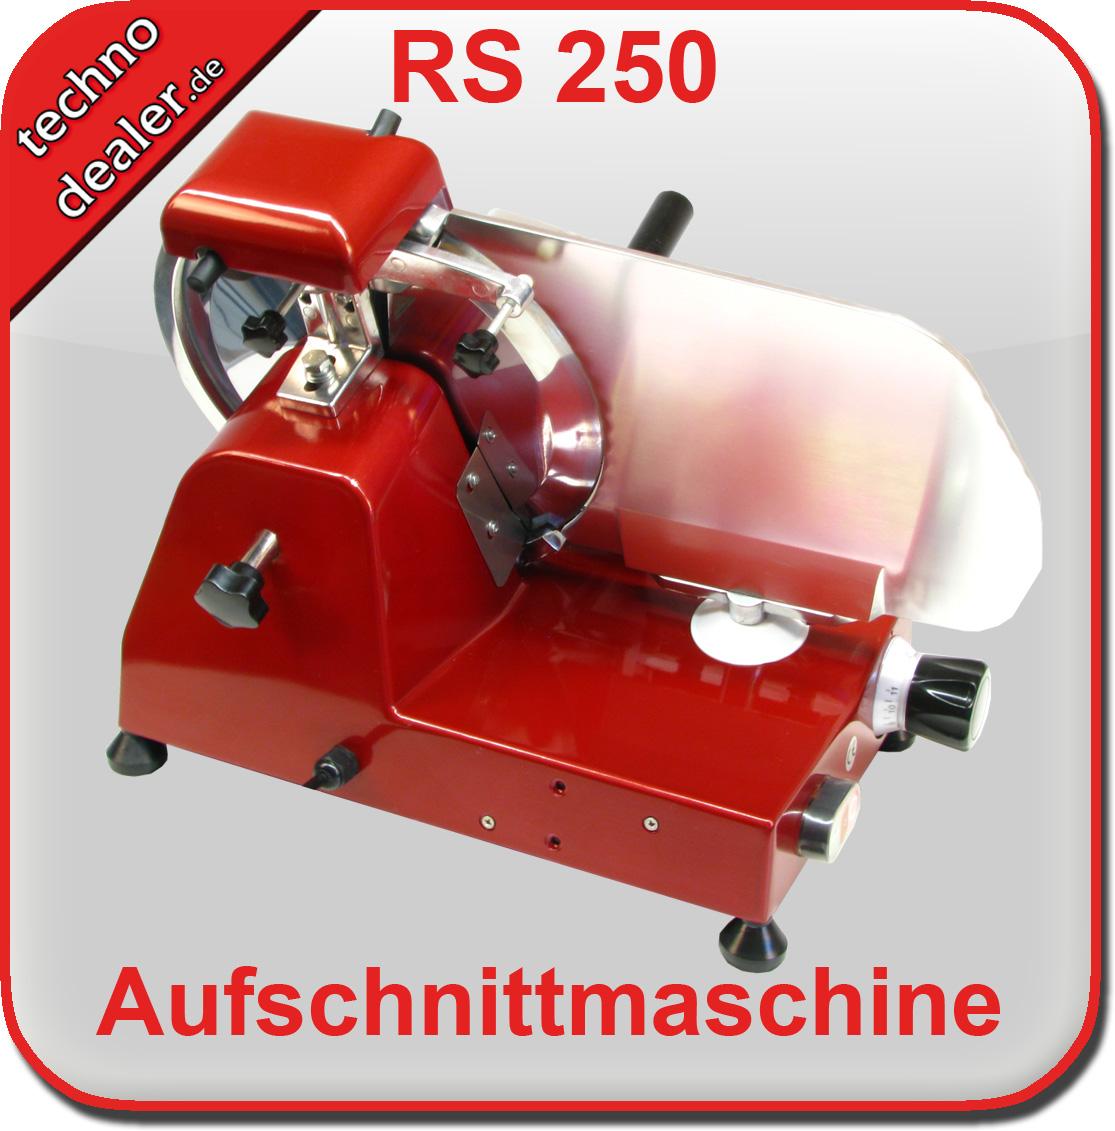 Aufschnittmaschine RS 250 rot